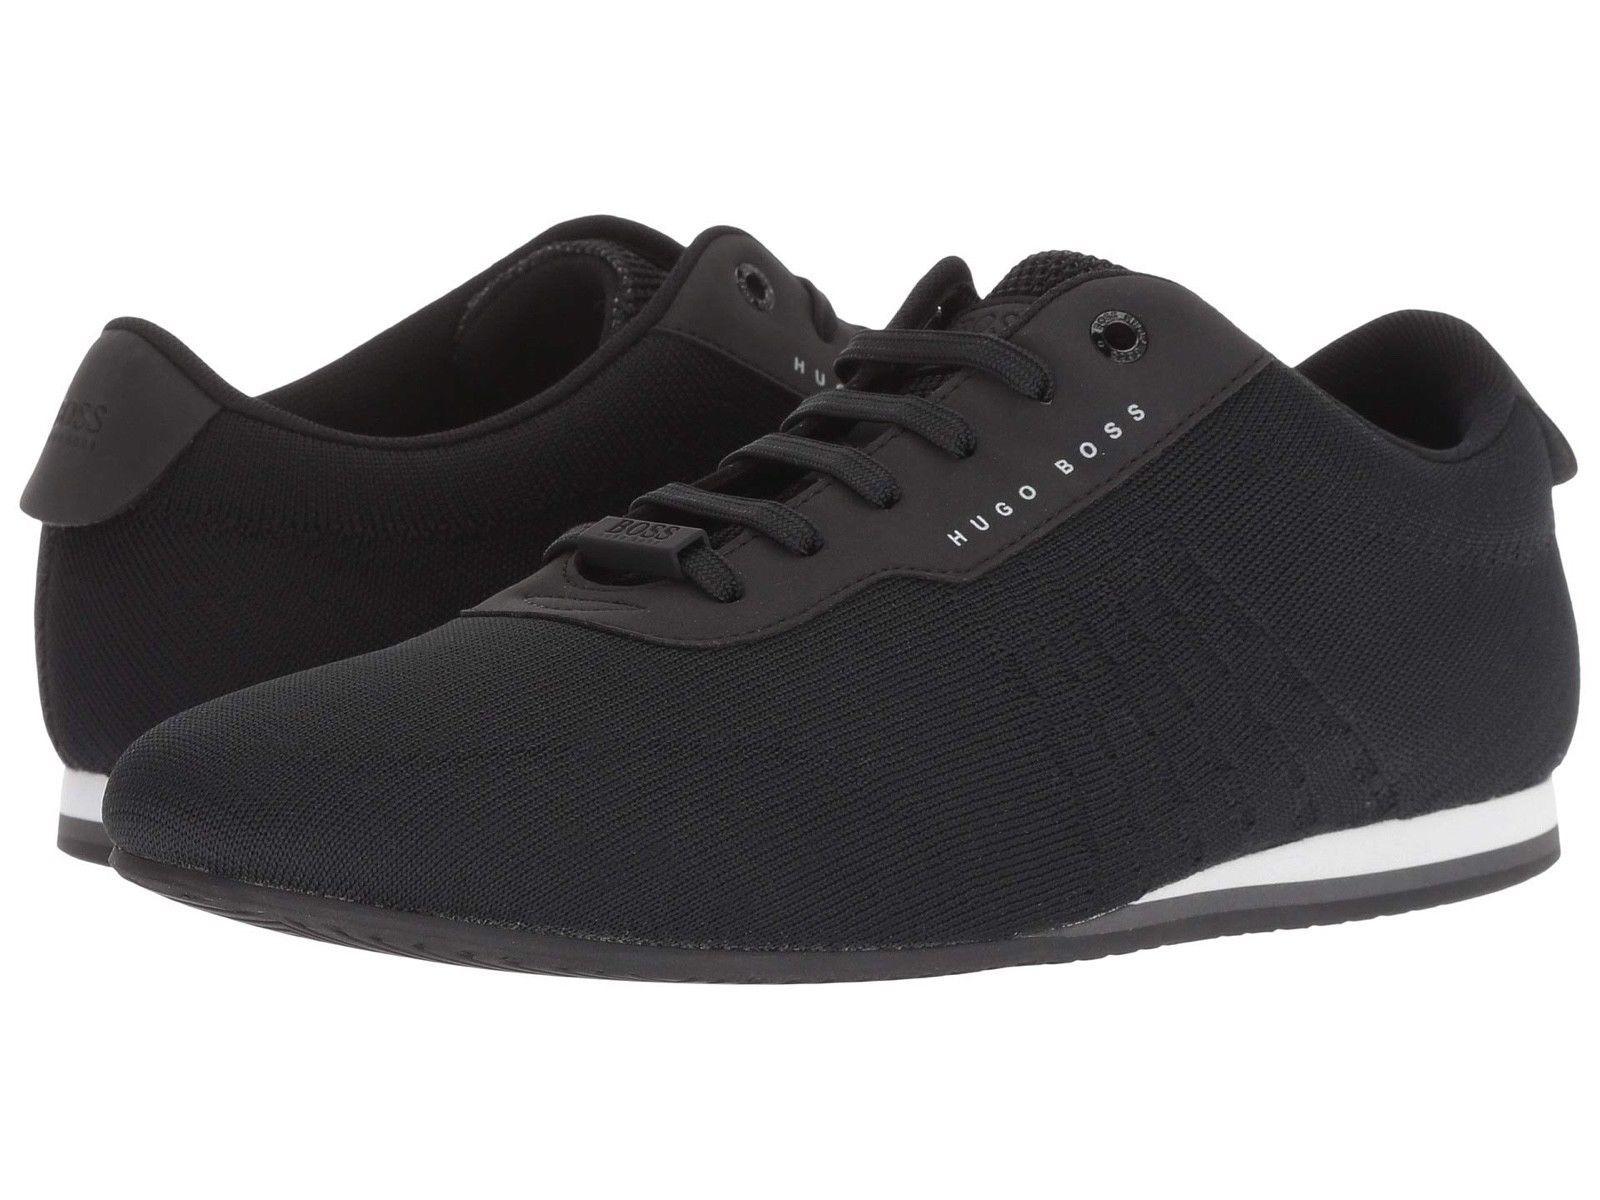 Hugo Boss Men's Premium Sport Mesh Sneakers Shoes Lighter Lowp Knit Black